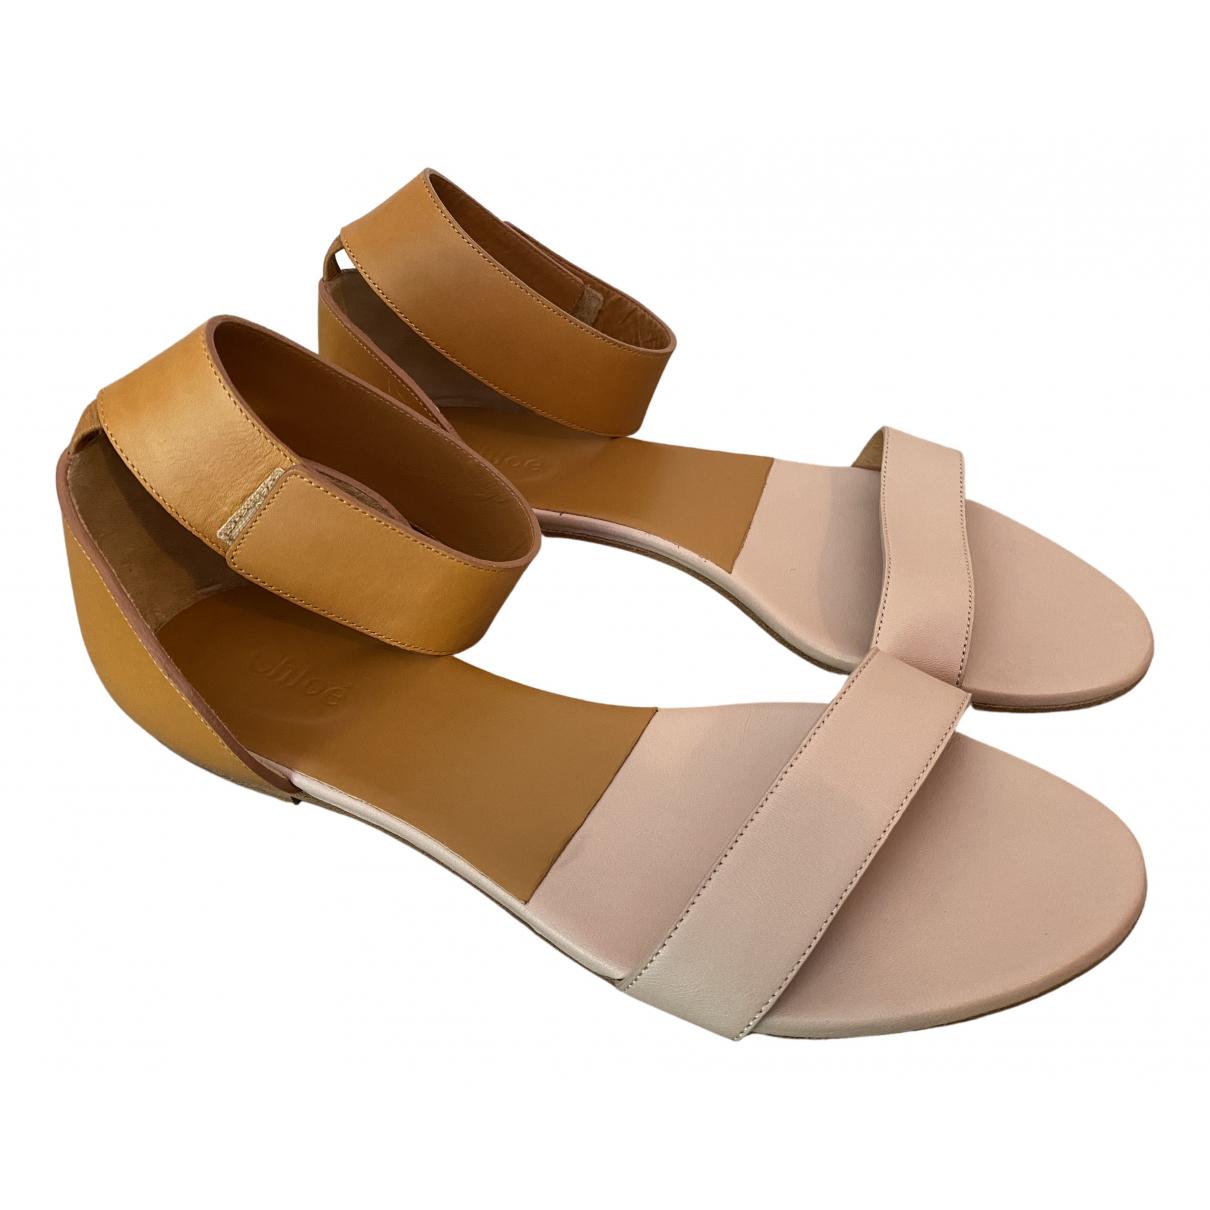 Chloe - Sandales   pour femme en cuir - beige